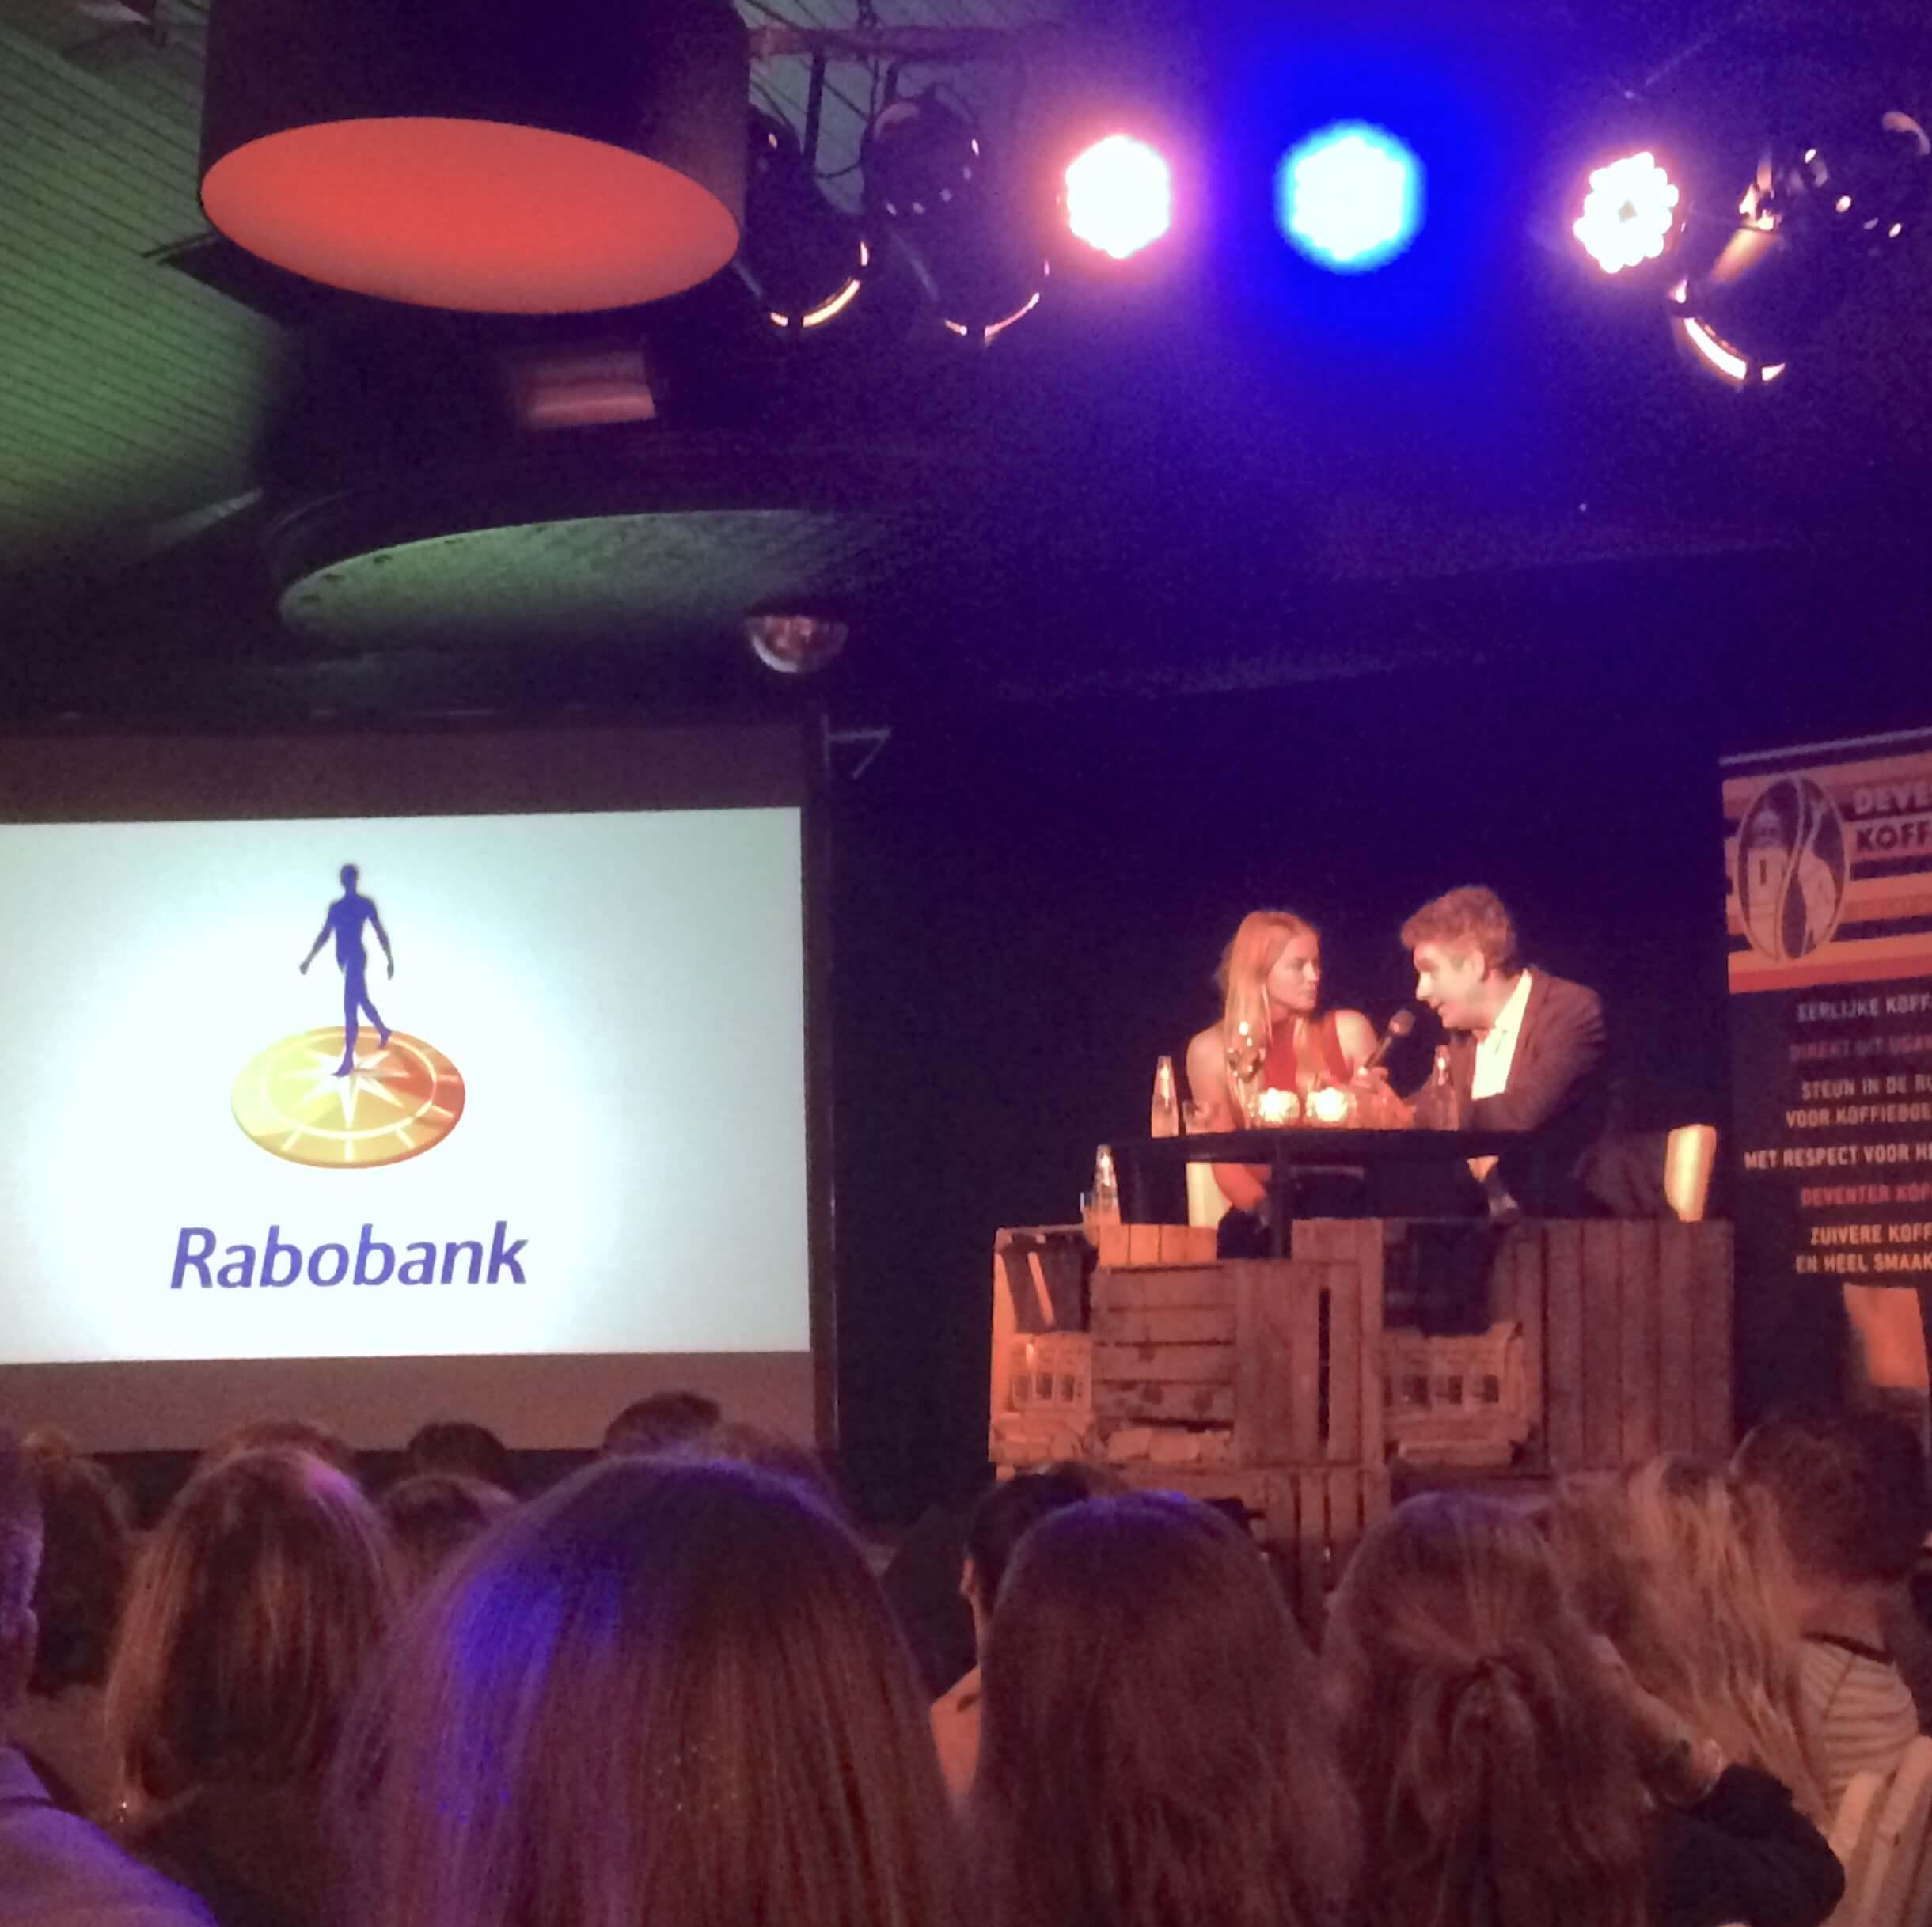 Maandoverzicht november   Rabobank event